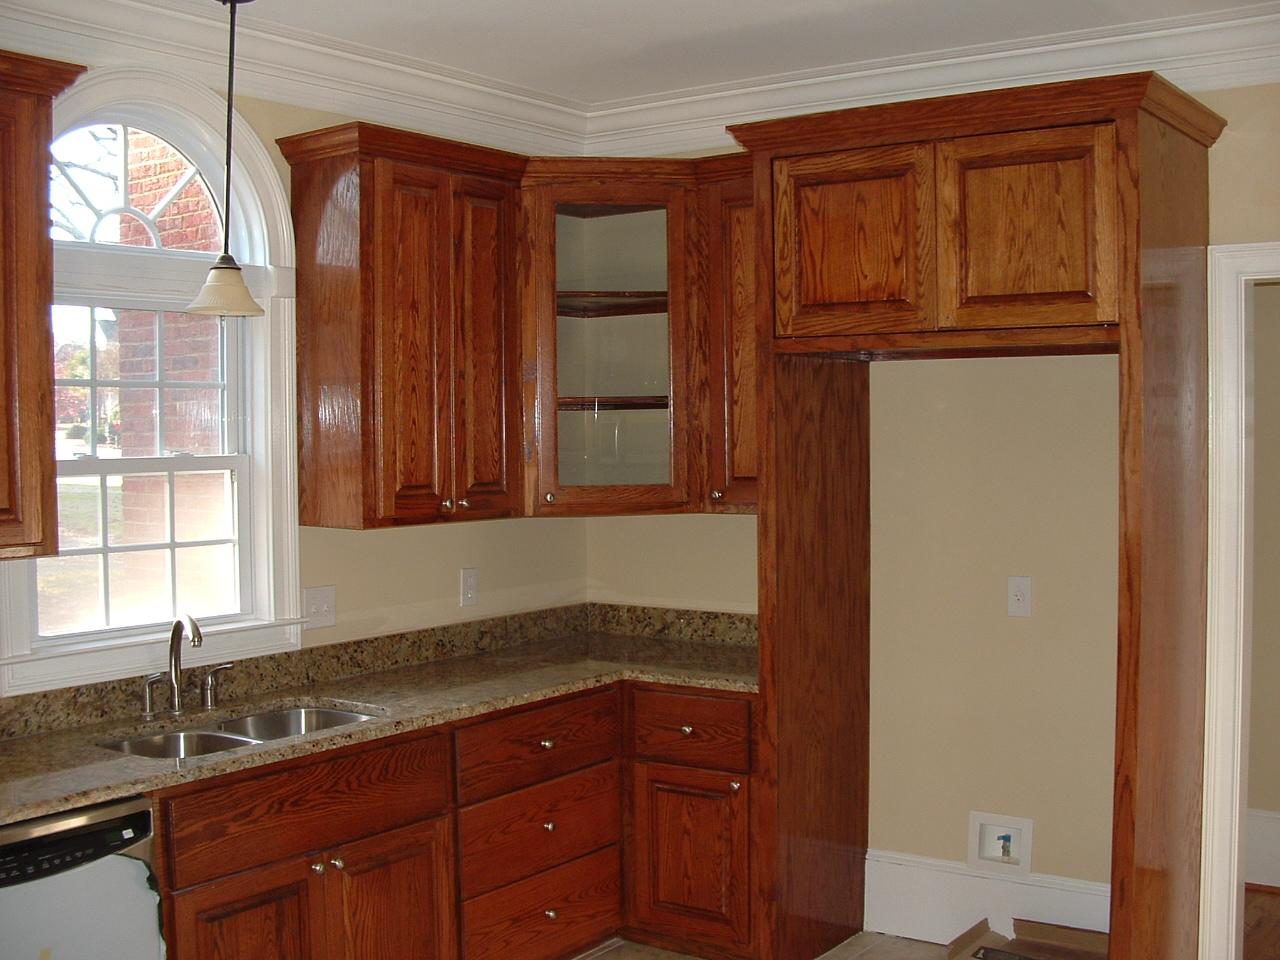 Kitchen cabinet storage Photo - 10